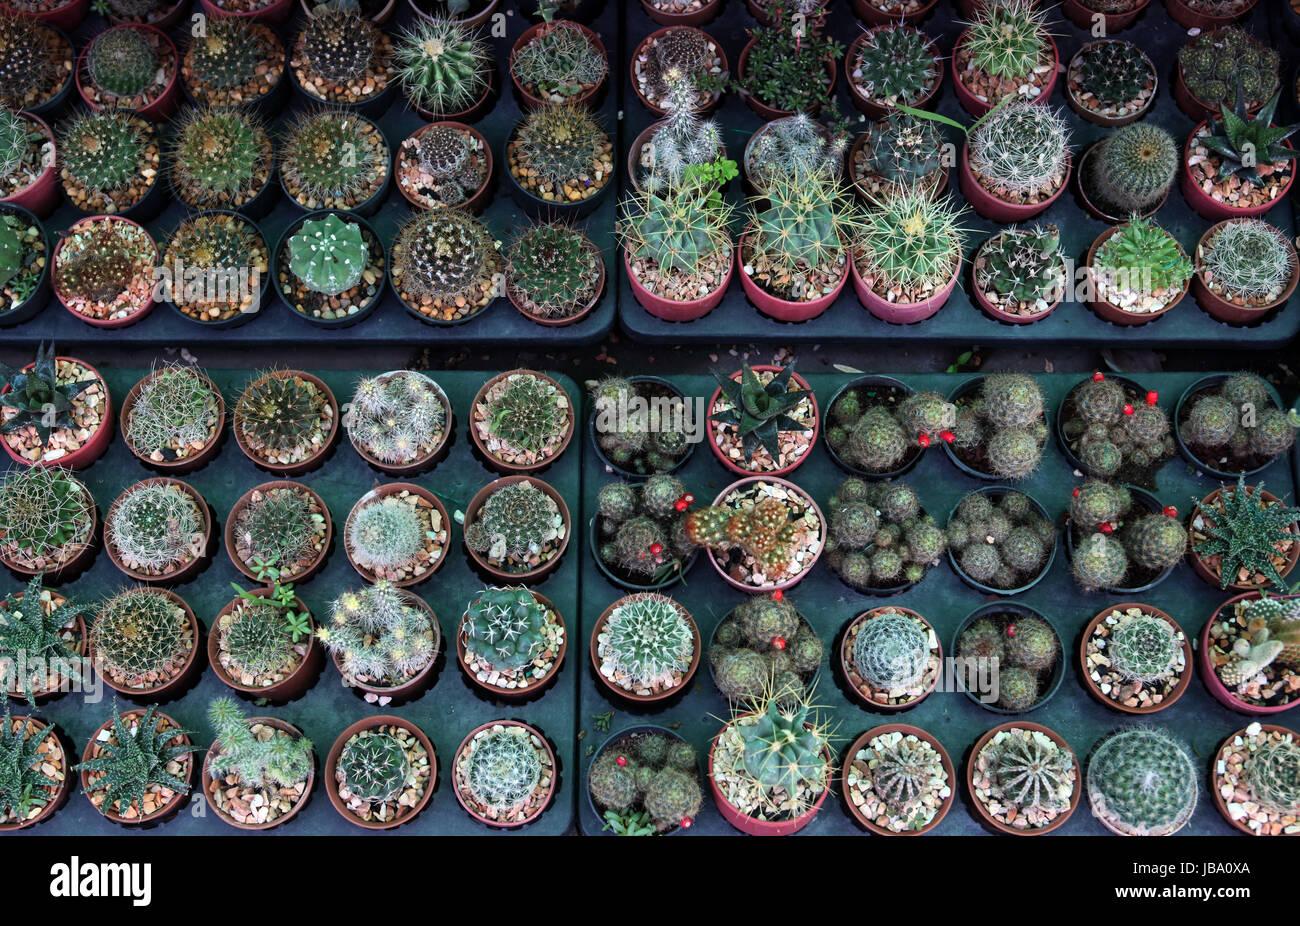 Der Blumenmarkt Thewet im Zentrum der Hauptstadt Bangkok in Thailand. - Stock Image